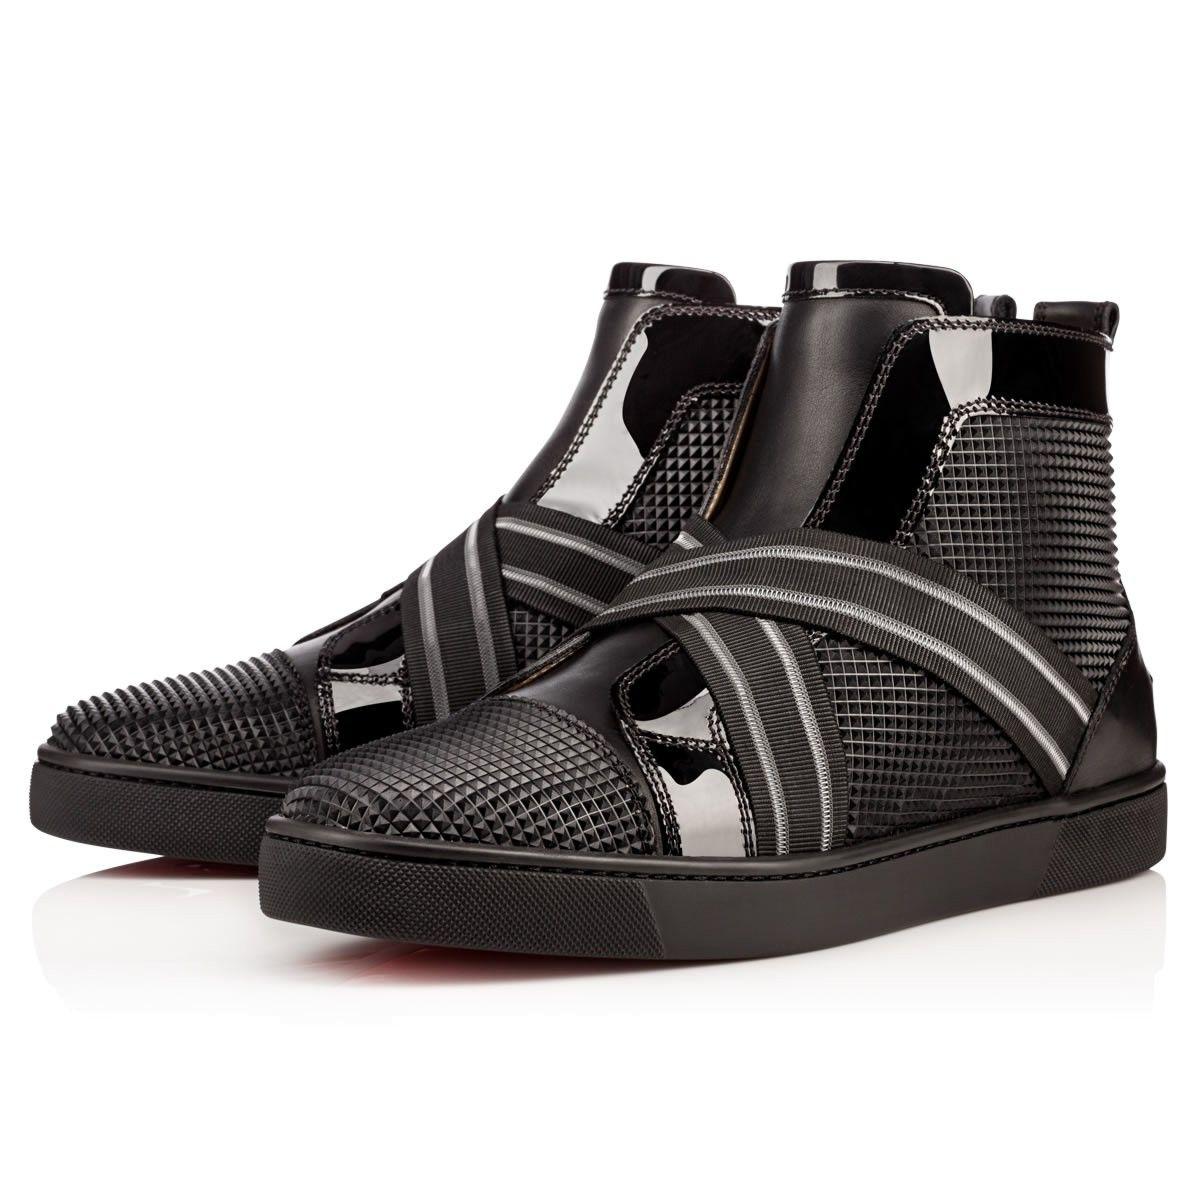 vente Manchester réduction authentique Daim Noir Et Blanc Nike Blazer Hommes Louboutin Oisif Boutique en ligne jnY2F